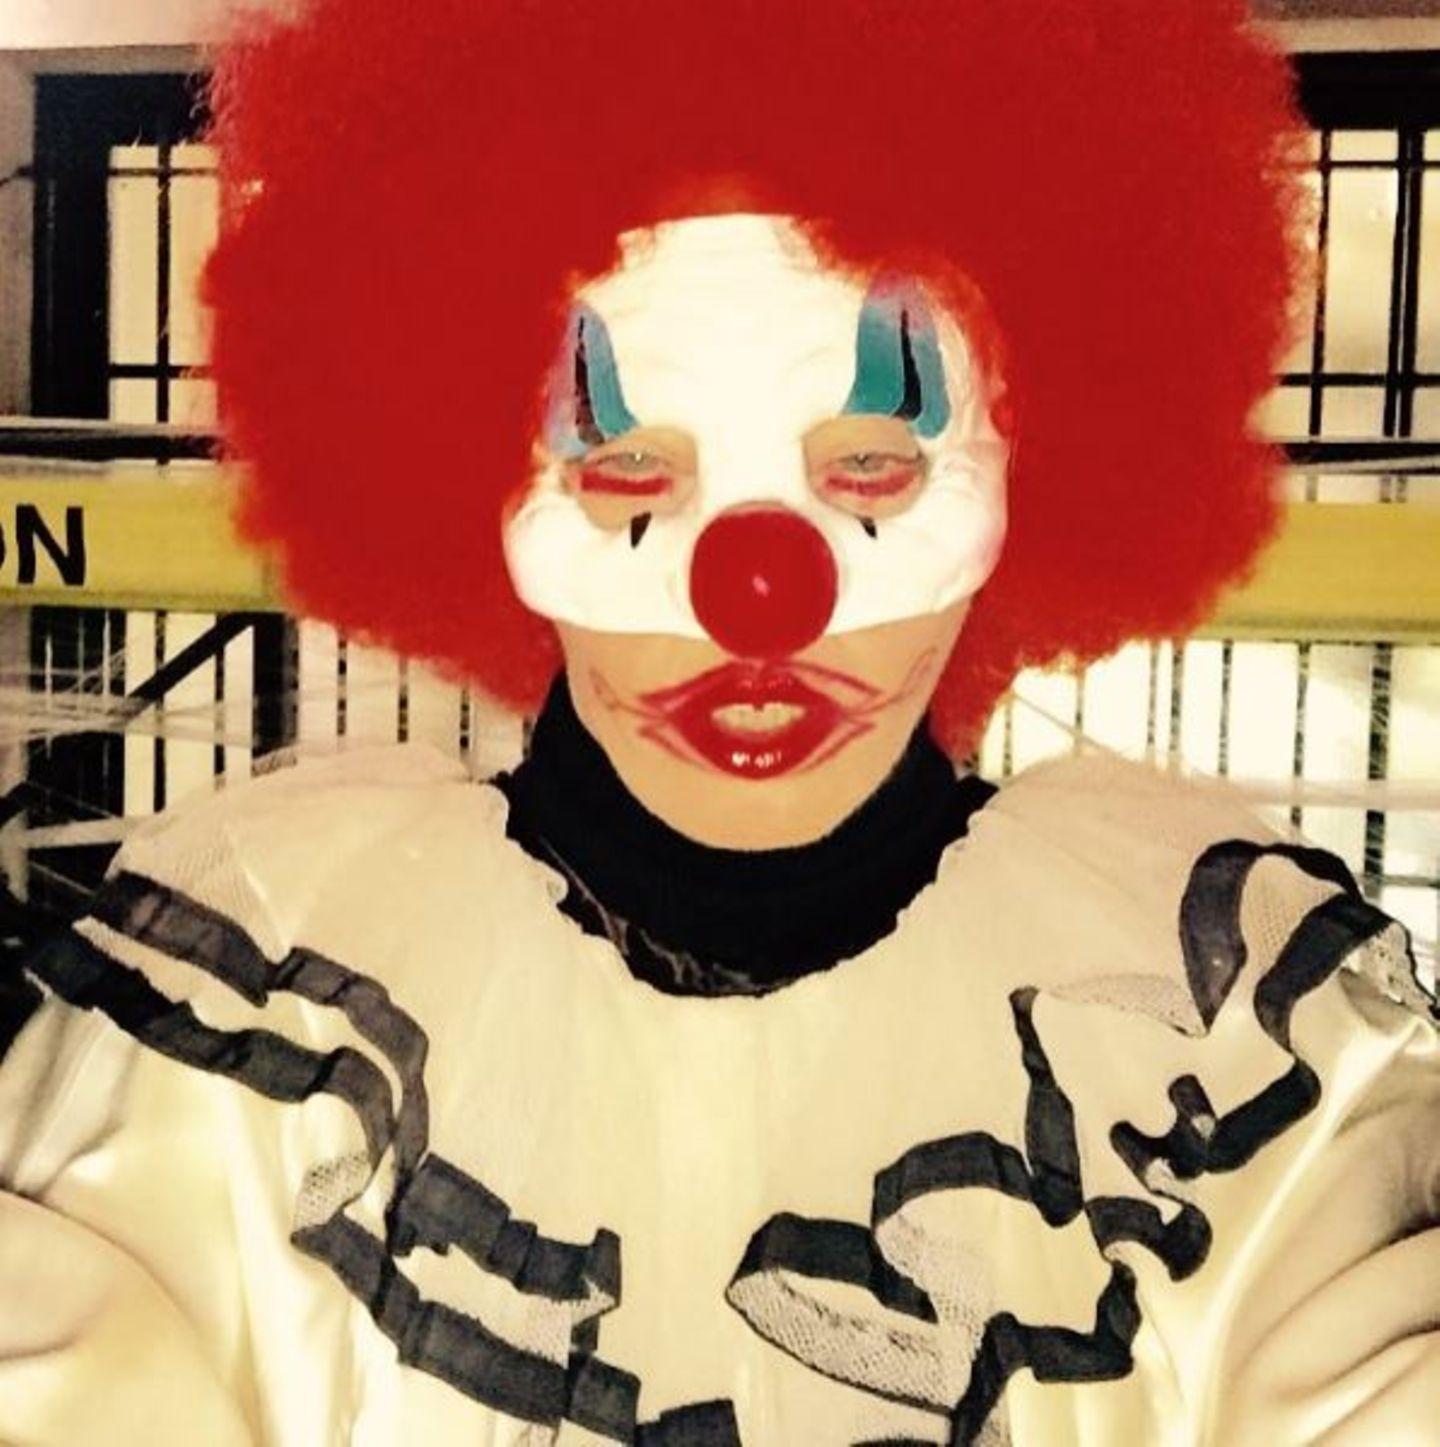 Lasst uns hoffen, dass die Kinder bereits im Bett waren, als Madonna dieses furchterregende Clownskostüm auspackte.